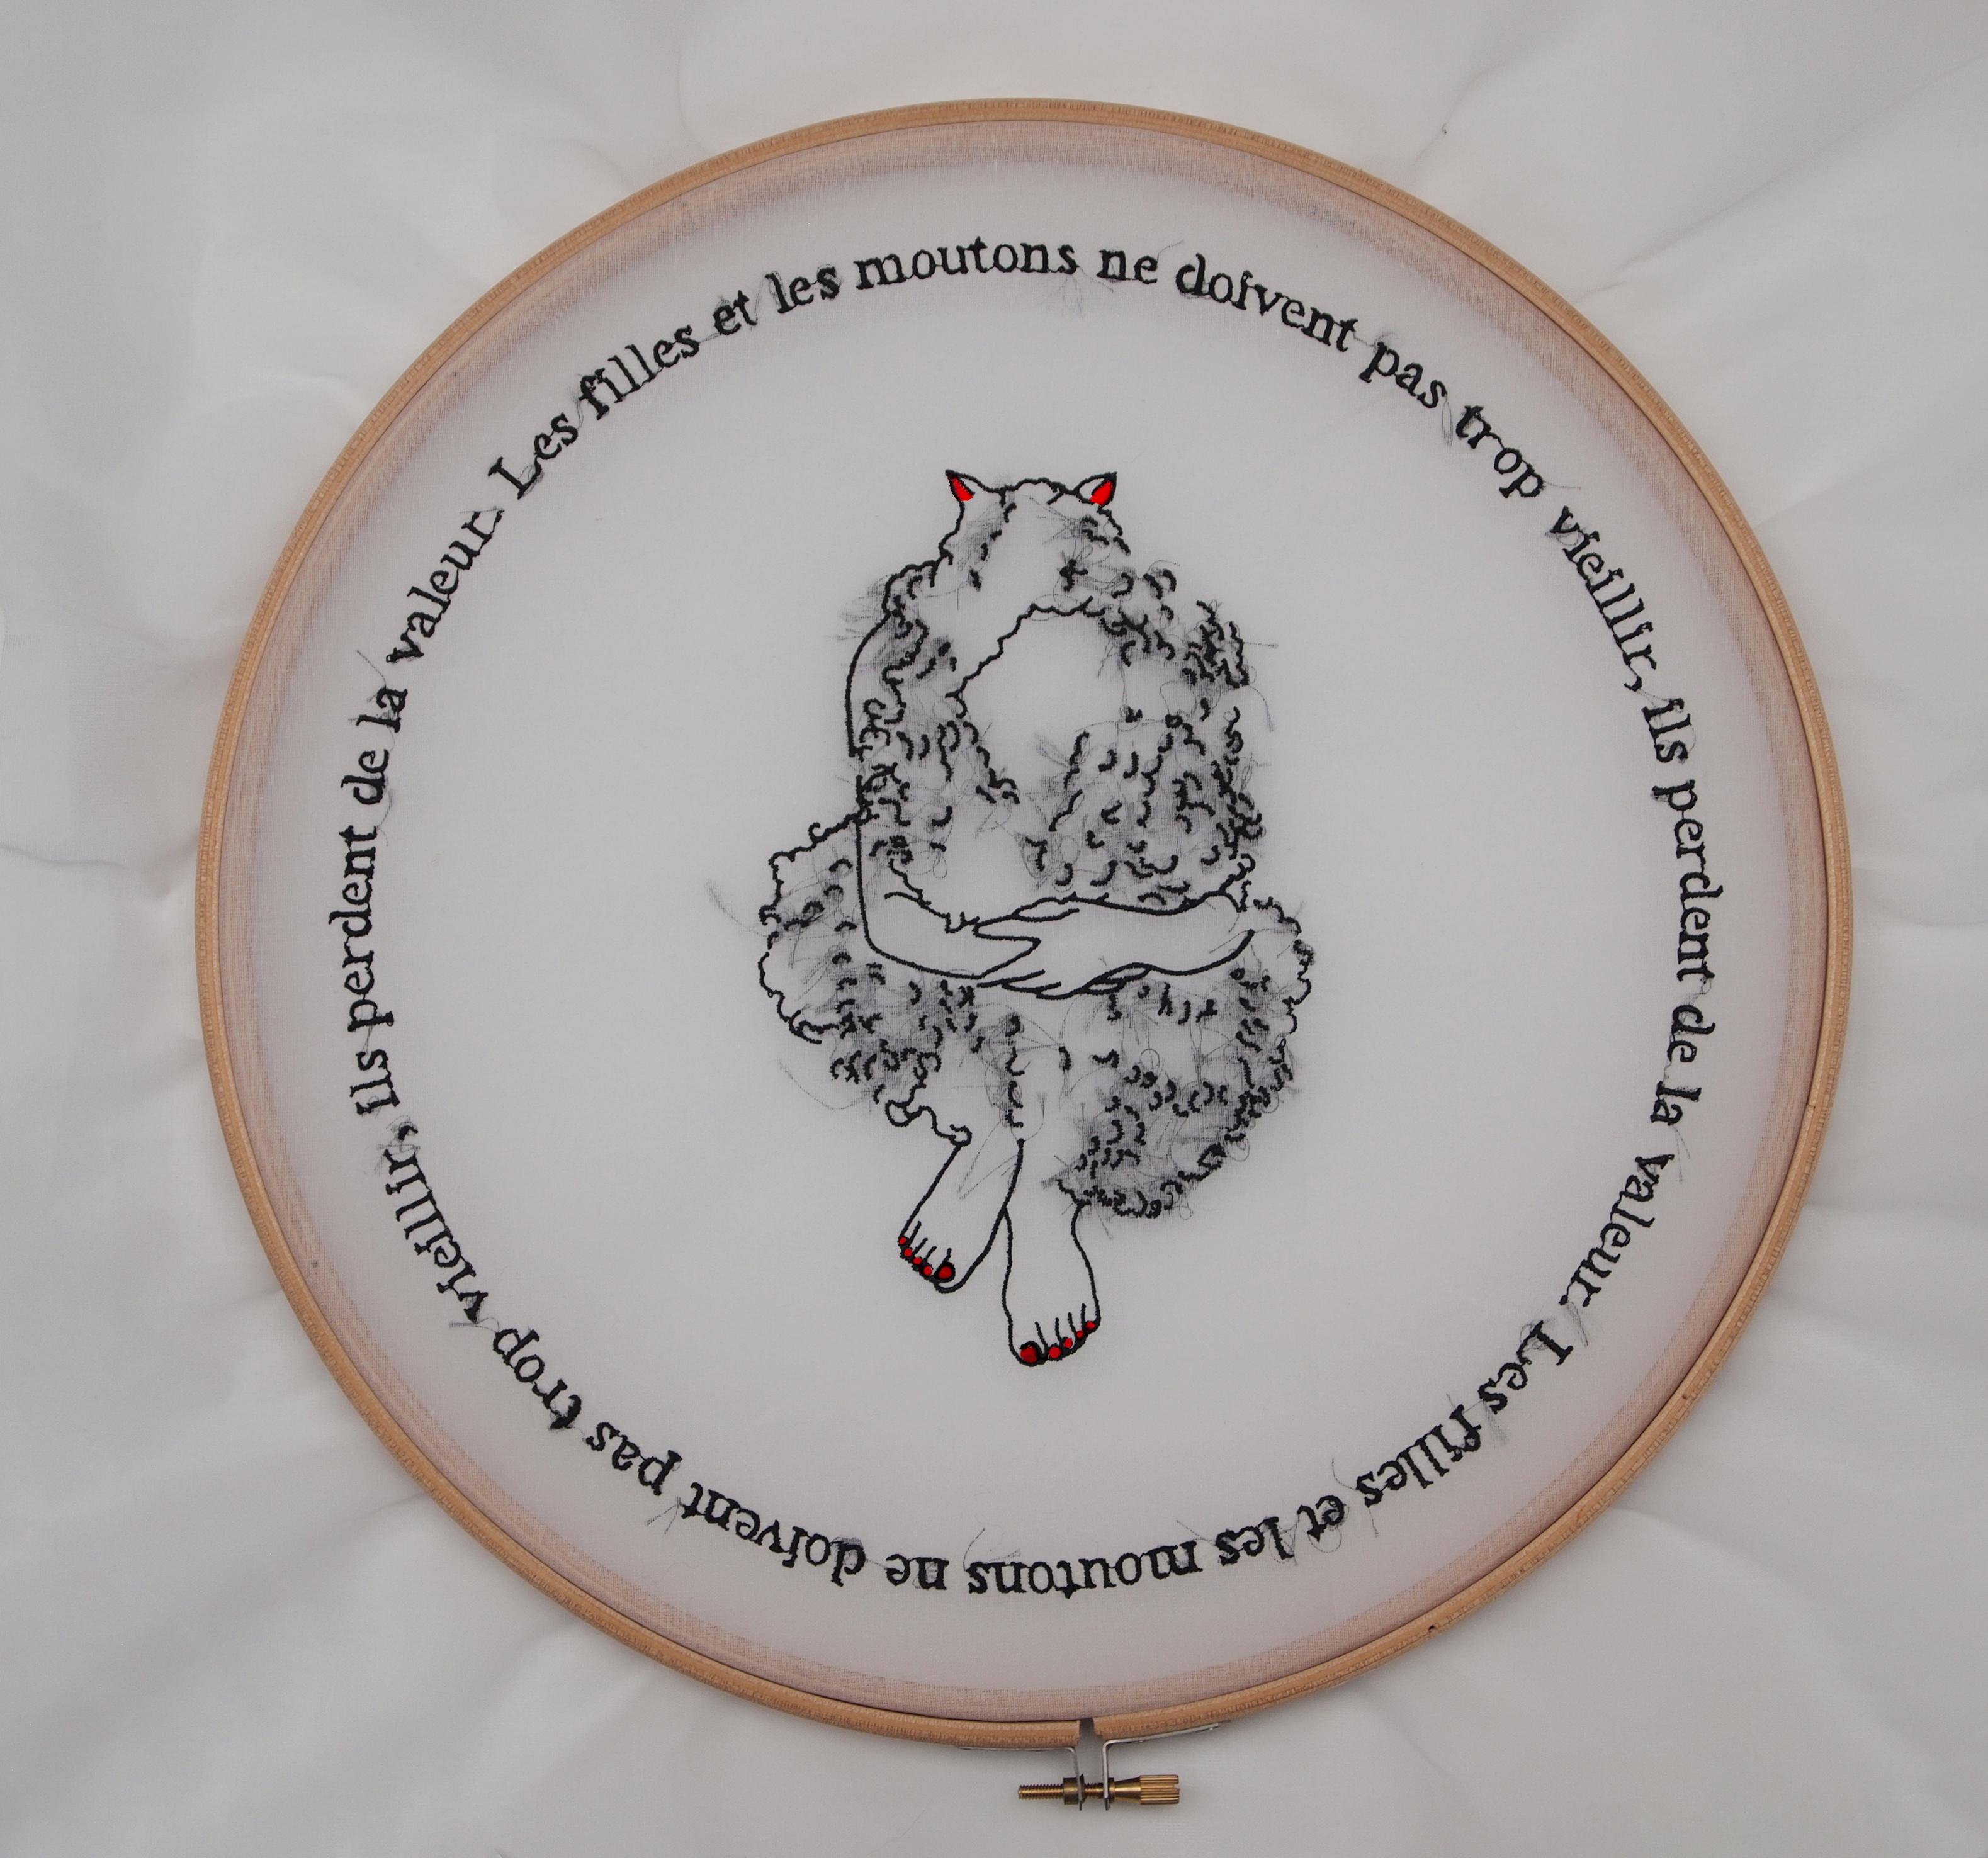 OLYMPUS DIGITAL CAMERALes proverbes français (les filles et les moutons ne doivent pas vieillir), 2016. Broderie mécanique sur organdi. 50×50 cm